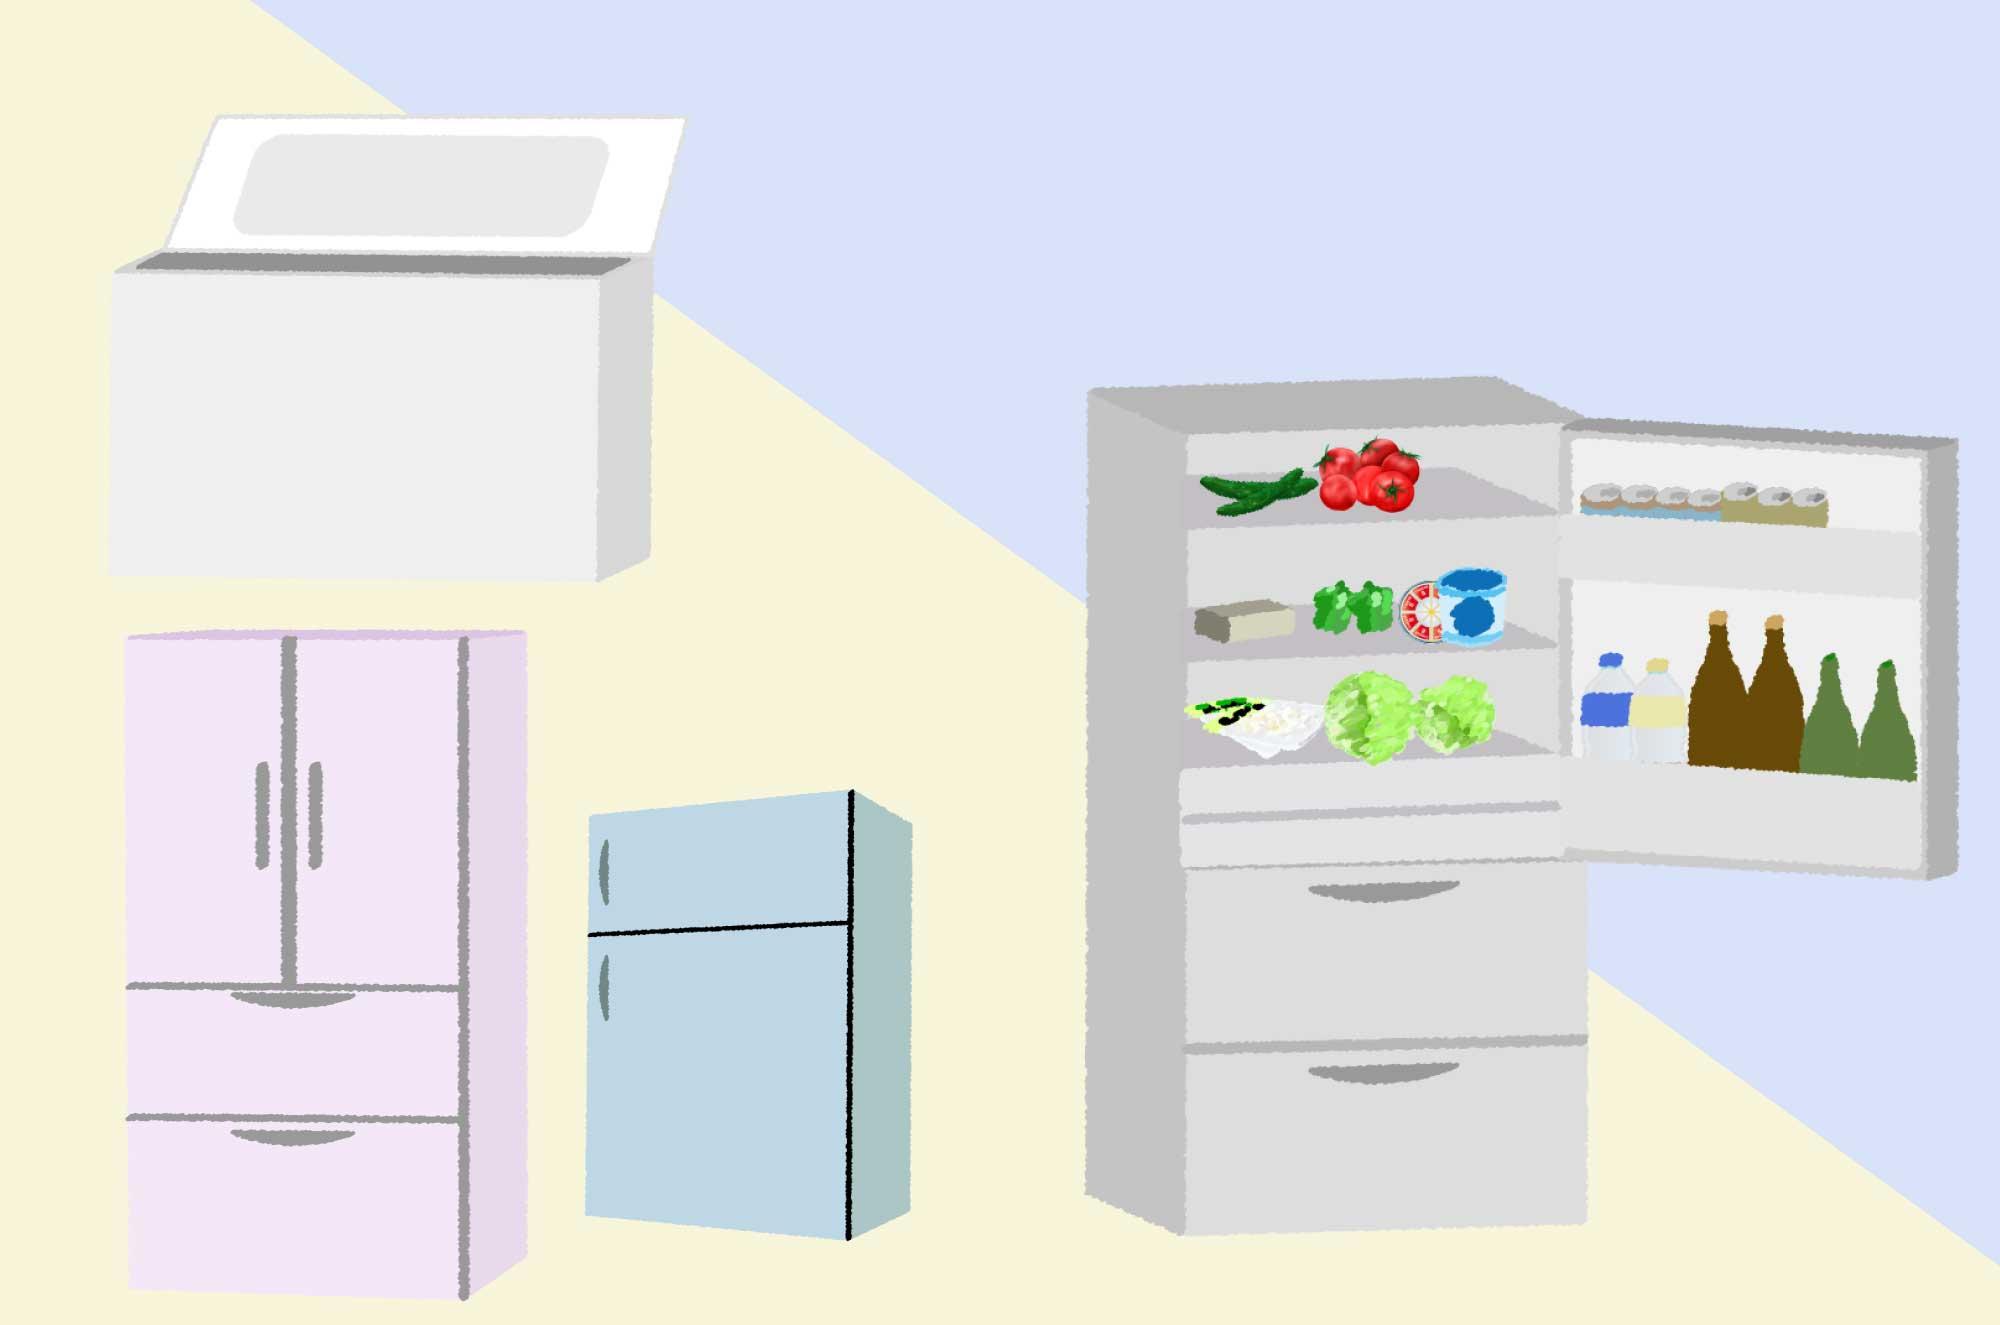 冷蔵庫のイラスト - 中型・大型・冷凍庫の無料素材